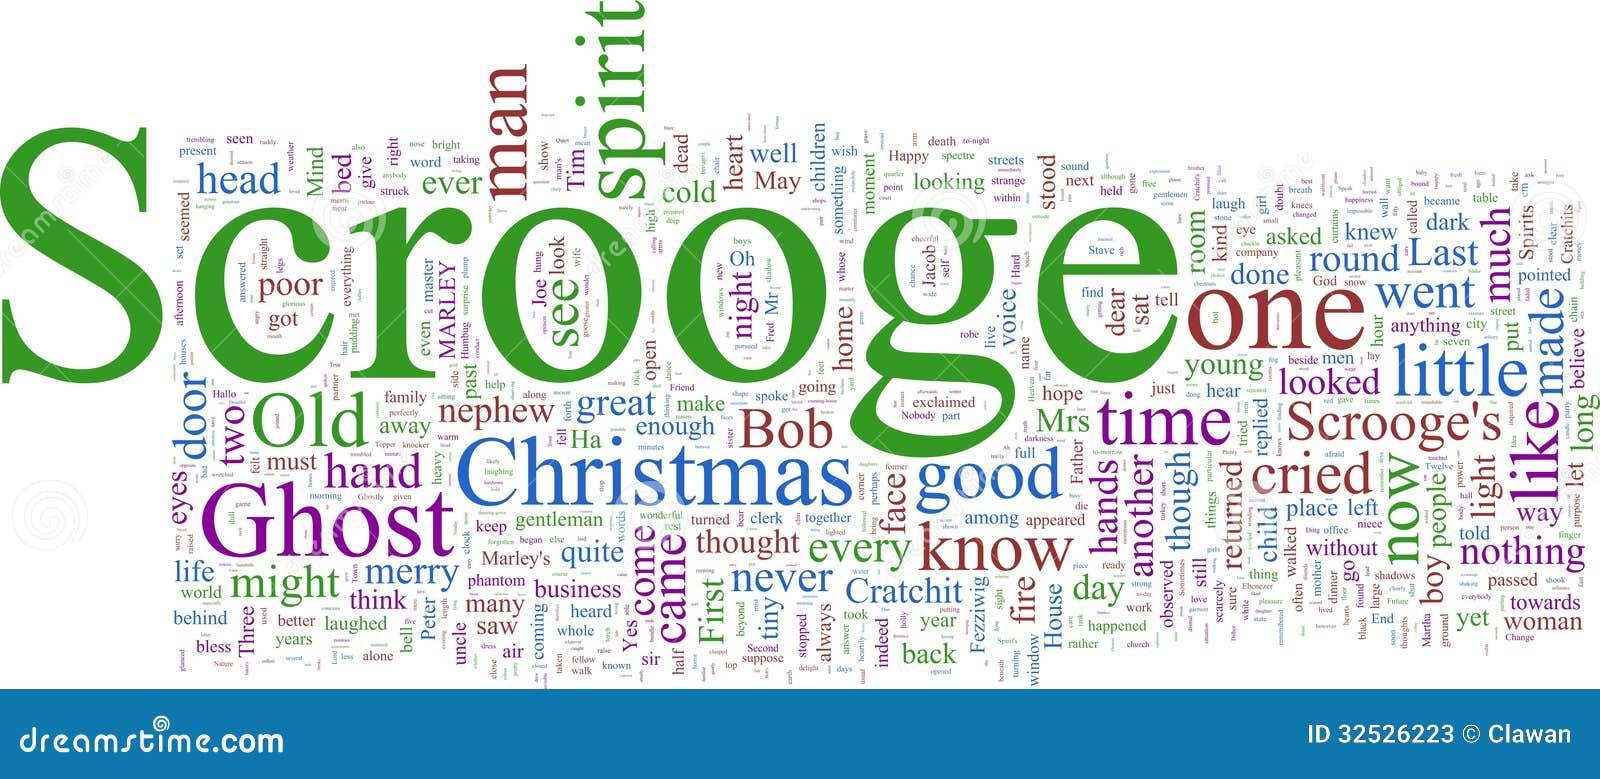 Wort-Wolke: Dickens Weihnachten Carol Stock Abbildung - Illustration ...